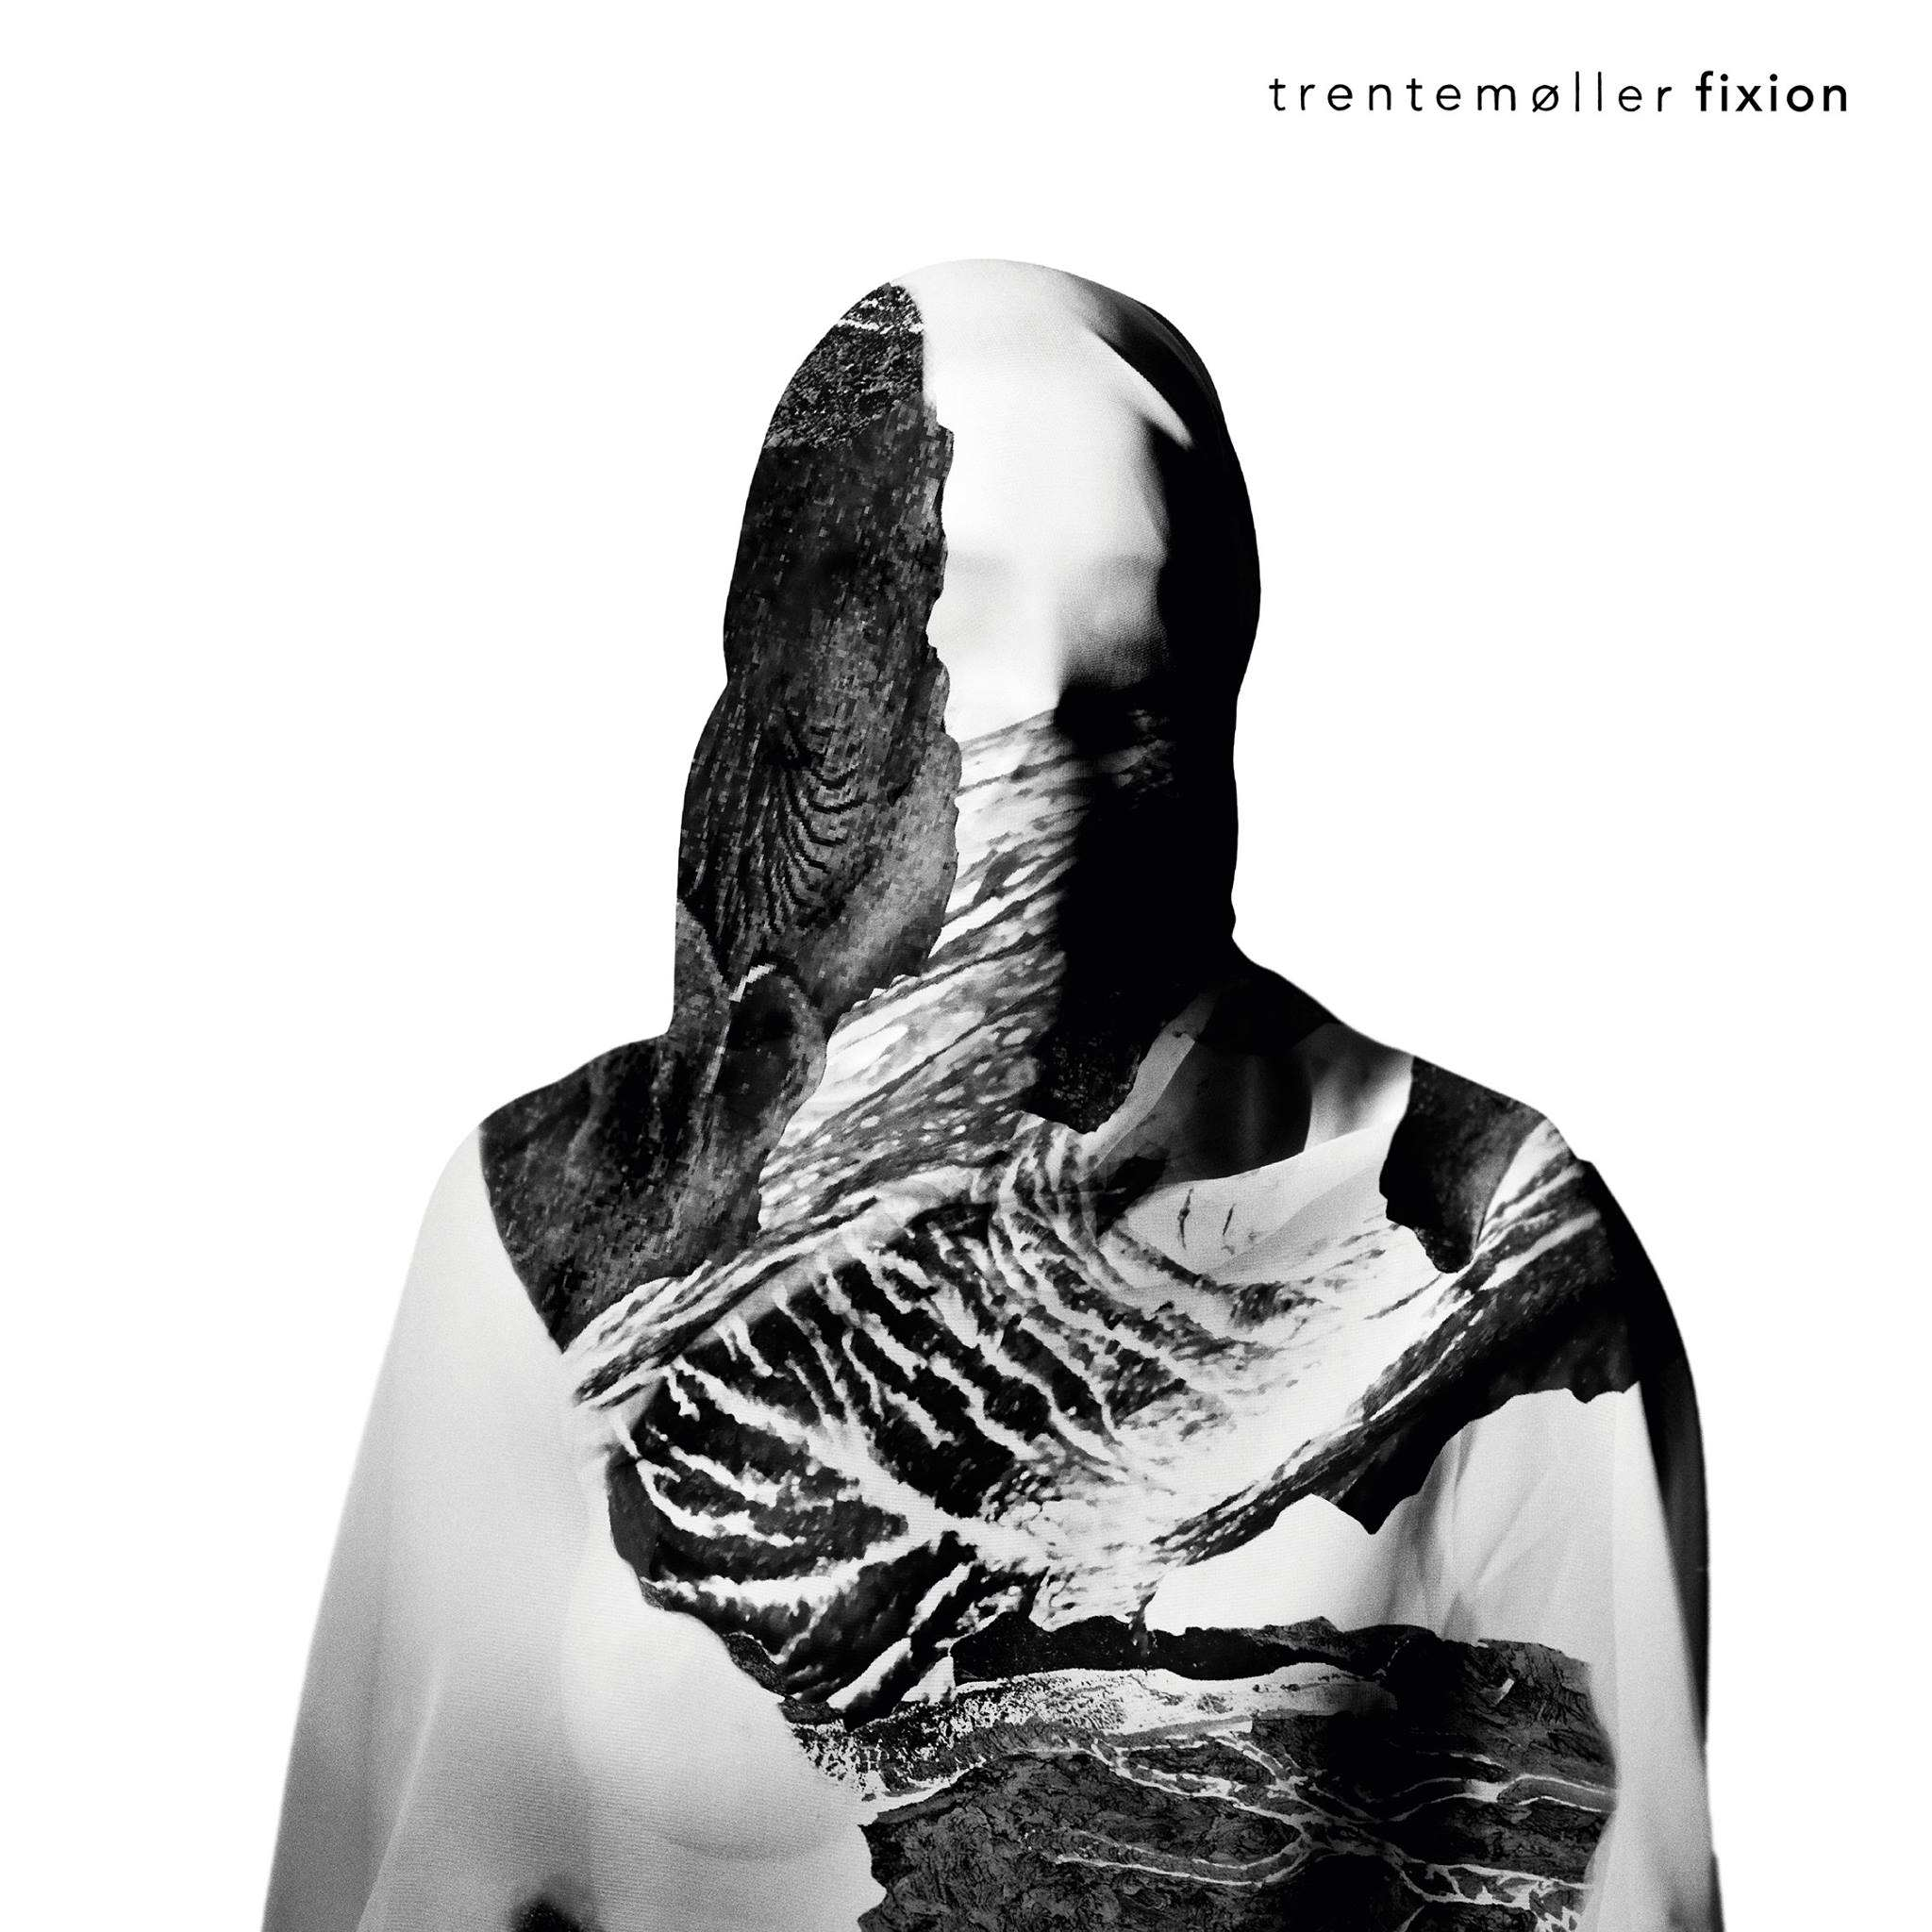 Trentemøller – Fixion [In My Room] (2016)